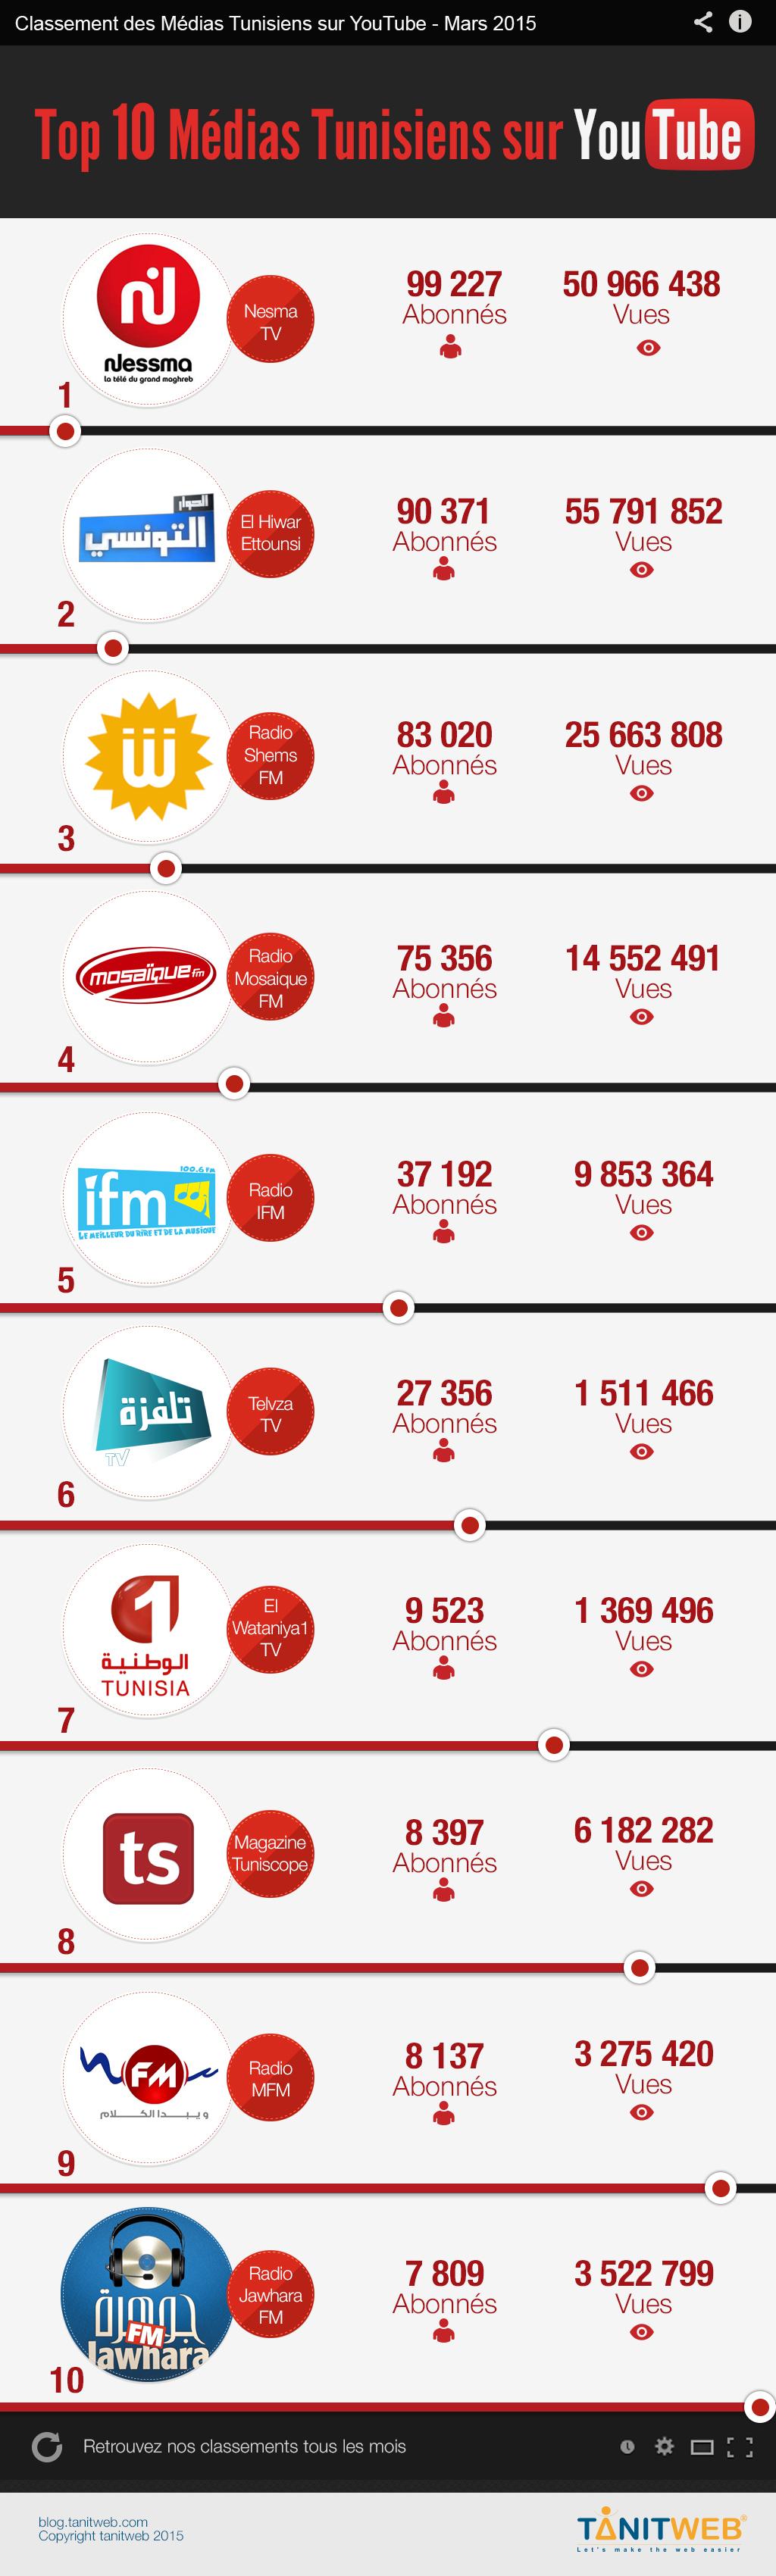 classement youtube pour les médias tunisie mars 2015